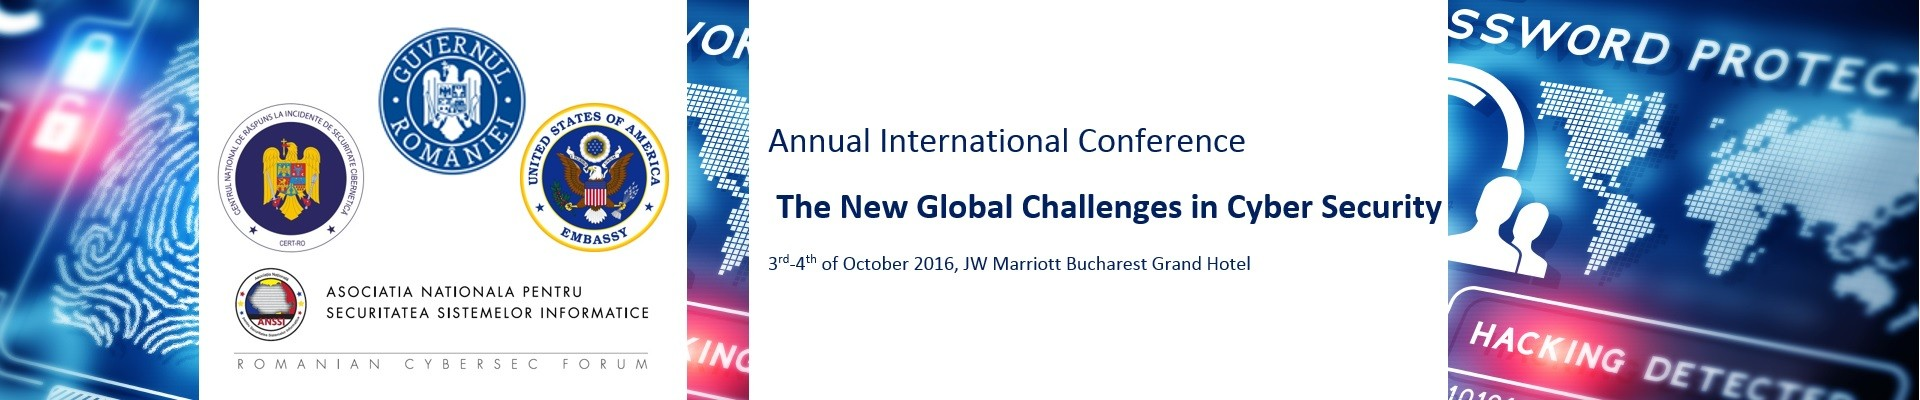 CERT.ro si Forumul ANSSI: Conferinta Internationala sub inalta coordonare a Guvernului Romaniei